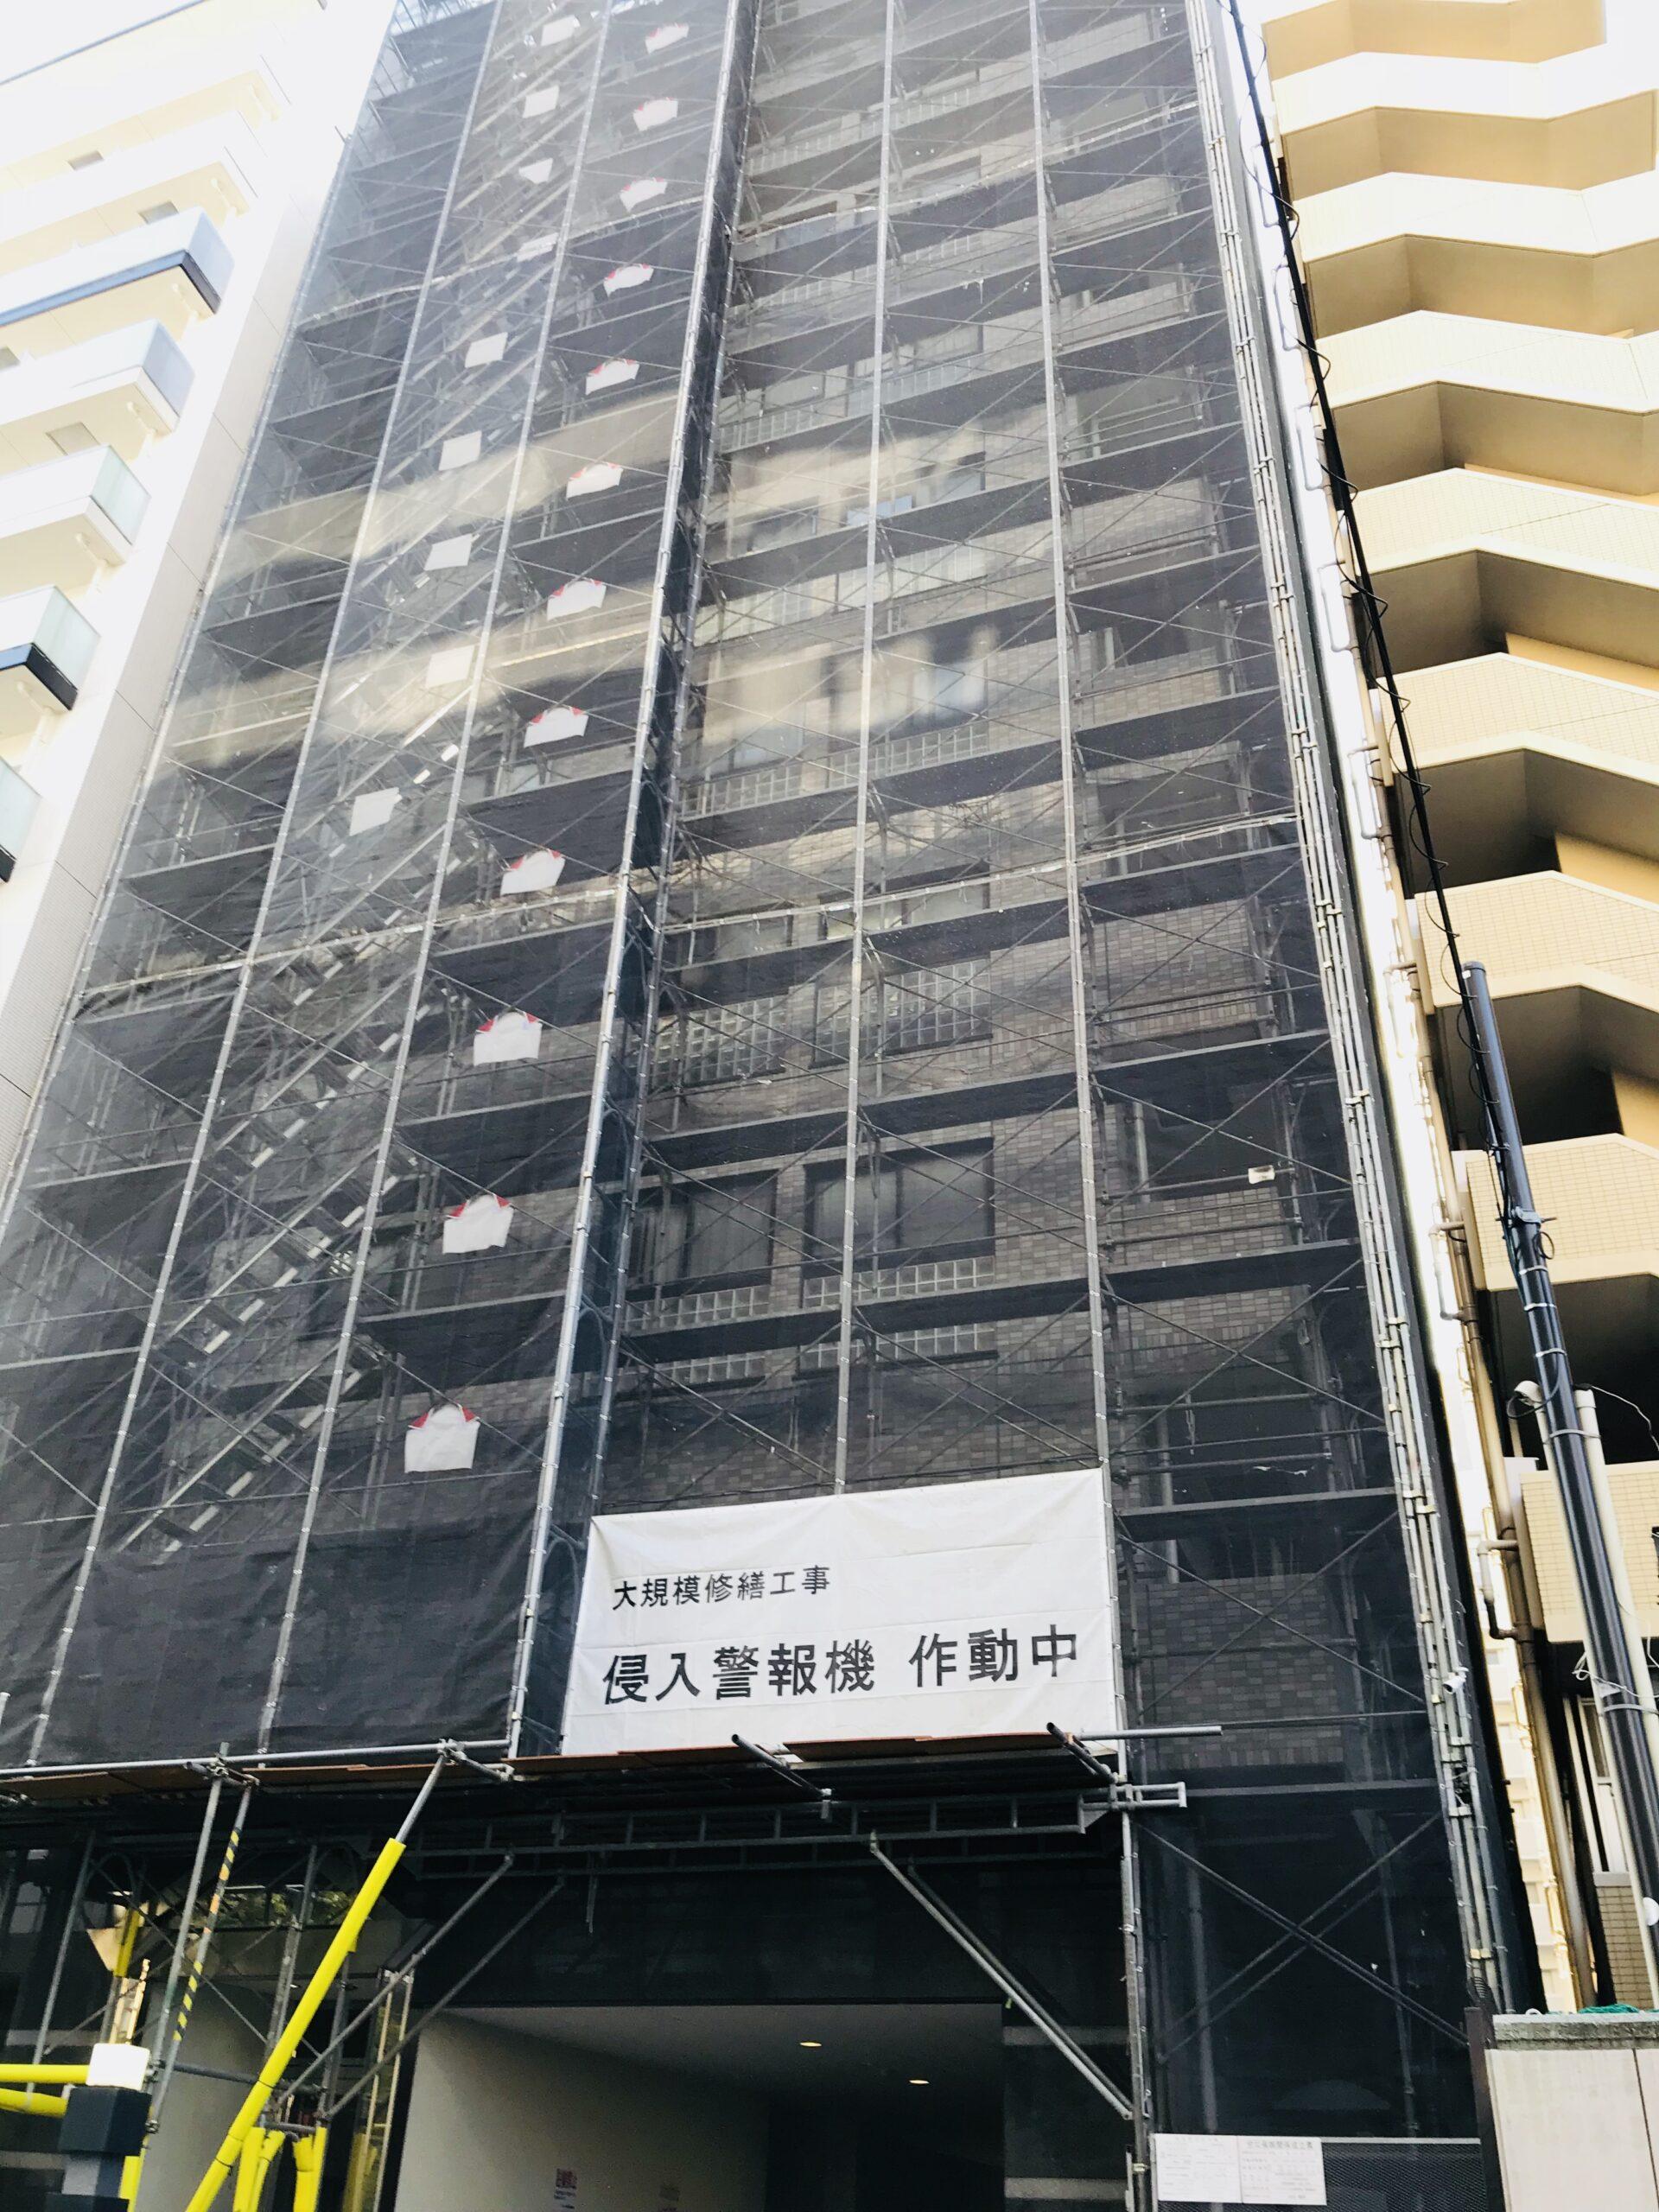 川崎市 大規模修繕工事